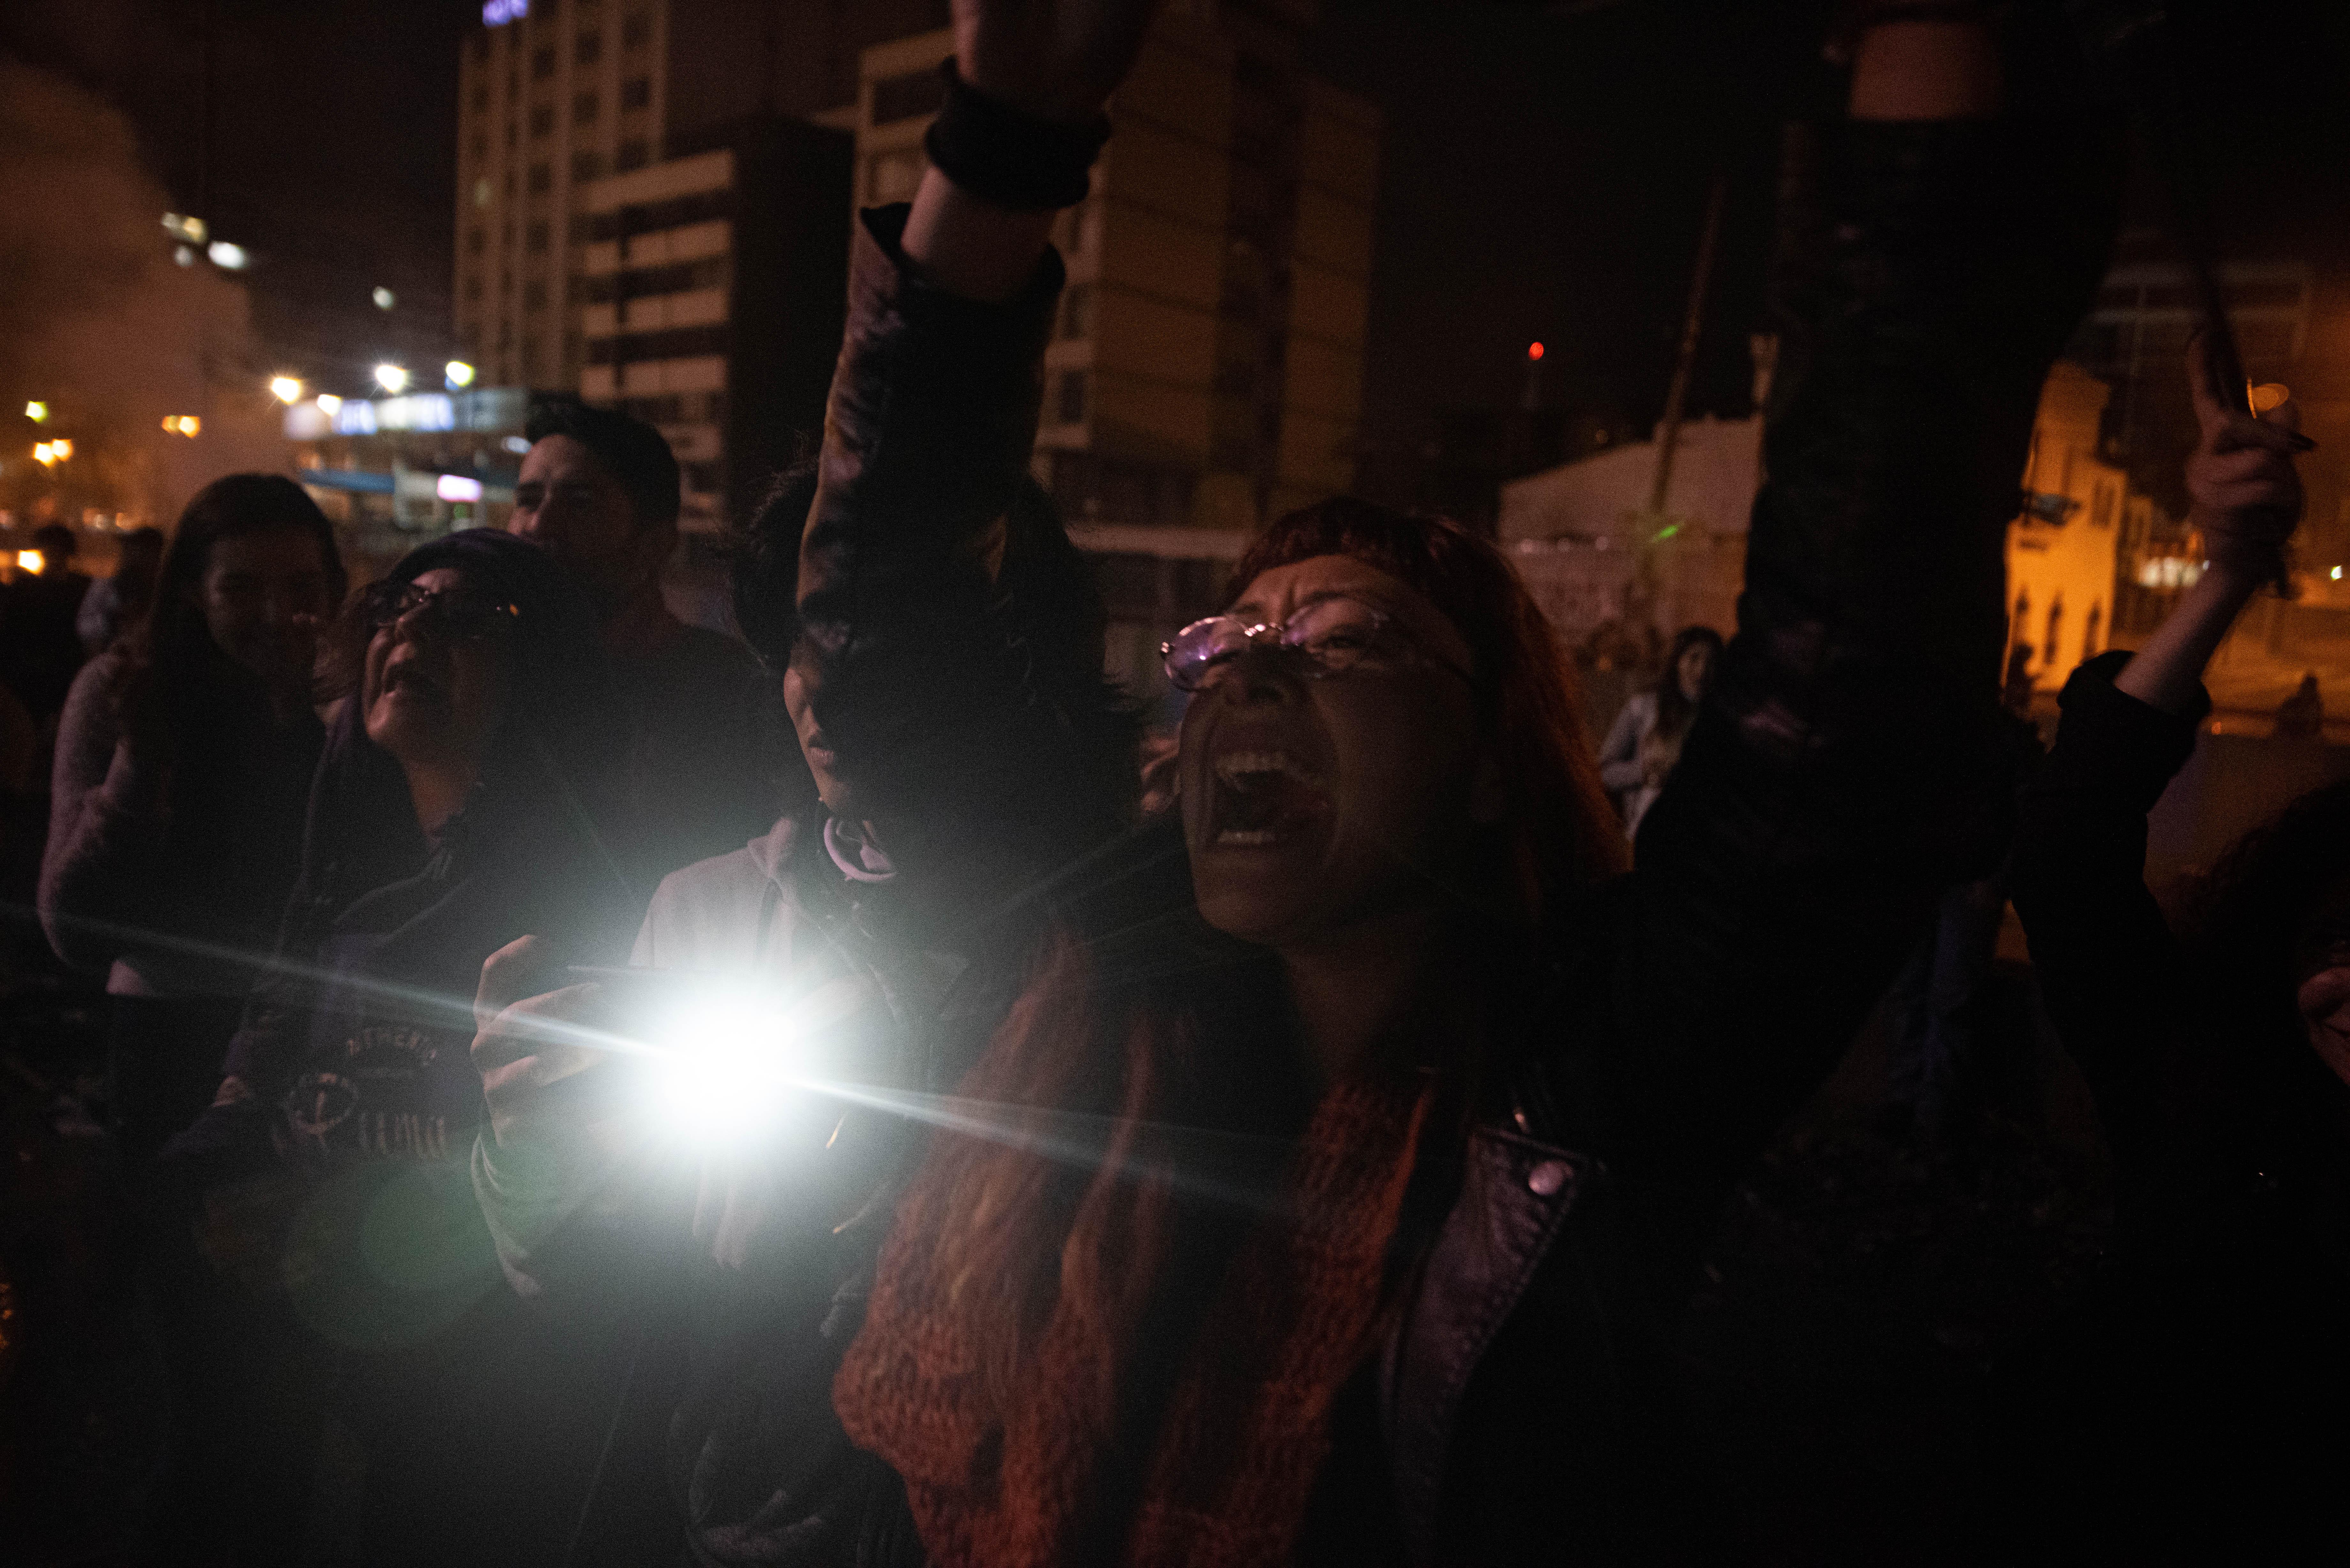 La alegría de los manifestantes por la derogación del decreto que aumentaba un 123% el precio del combustible, anunciada el domingo por la noche por el presidente Moreno